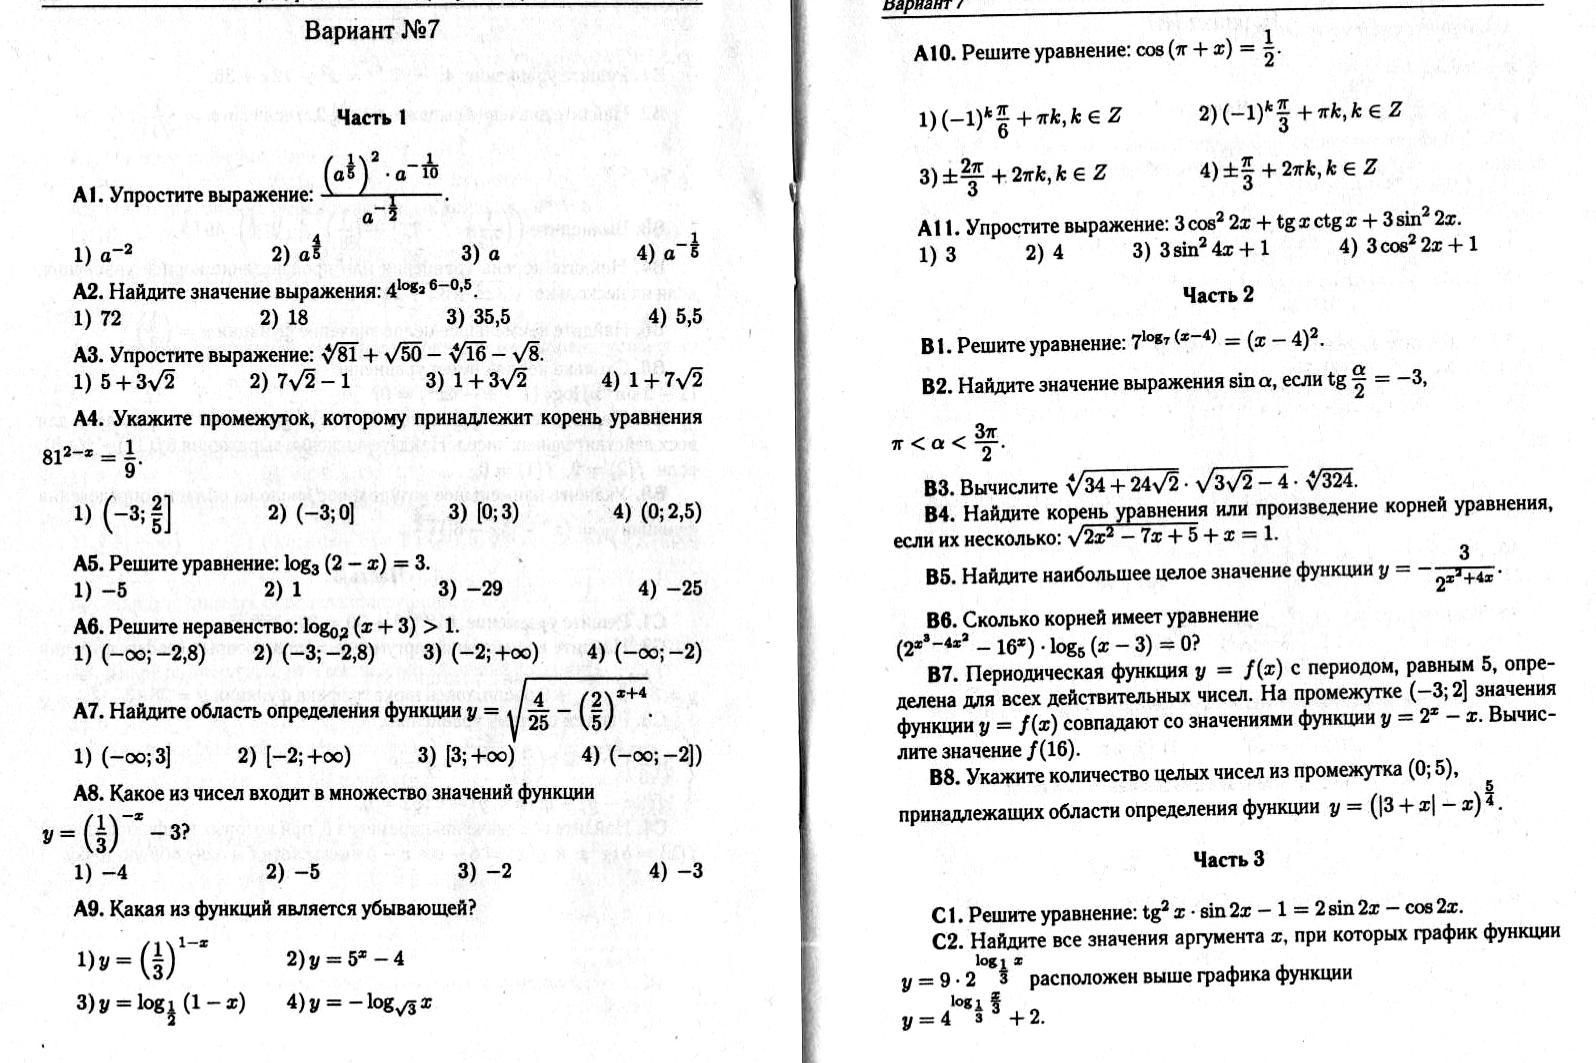 Контрольная работа по алгебре 11 класс алимов за первое полугодие